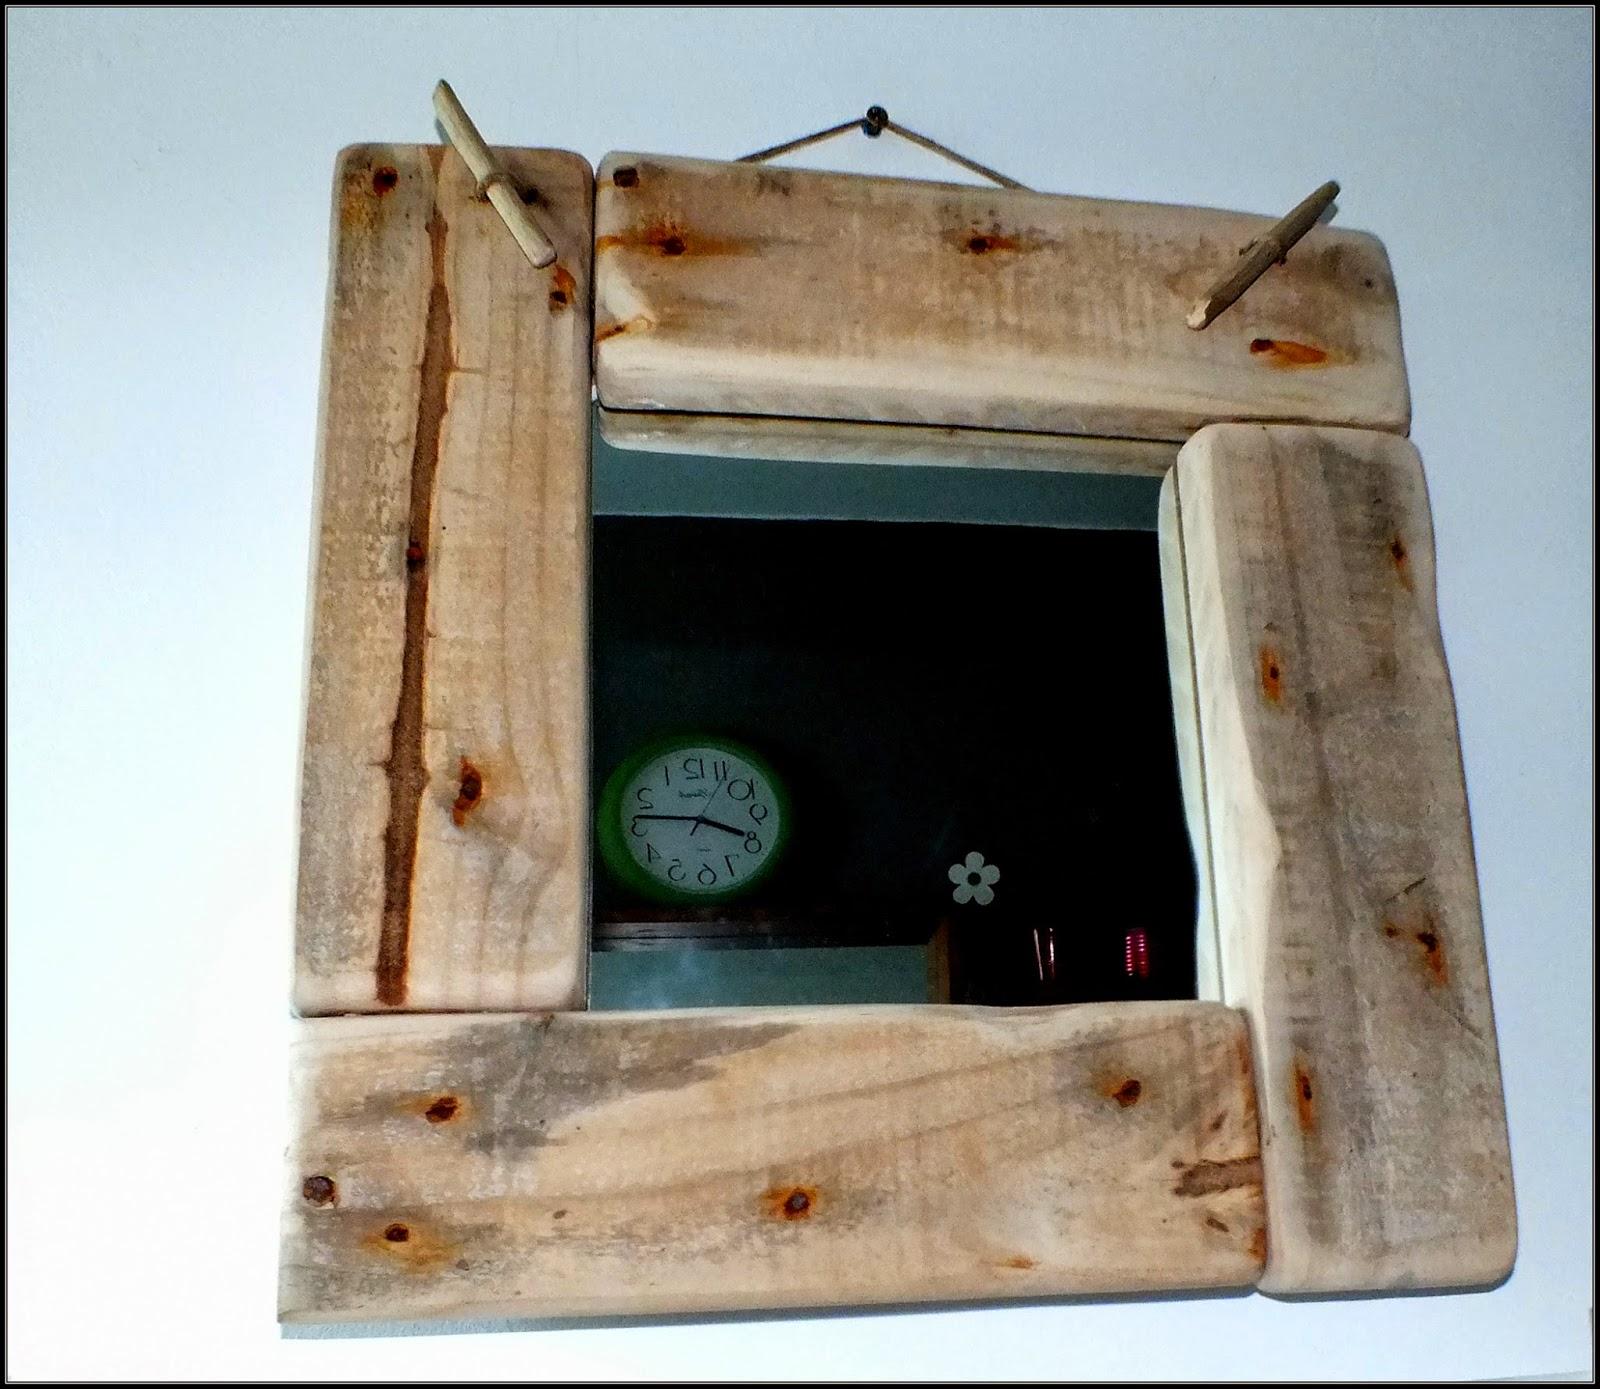 mutoz inc art en bois flott miroir avec cadre en bois flott d coration esprit upcycling. Black Bedroom Furniture Sets. Home Design Ideas